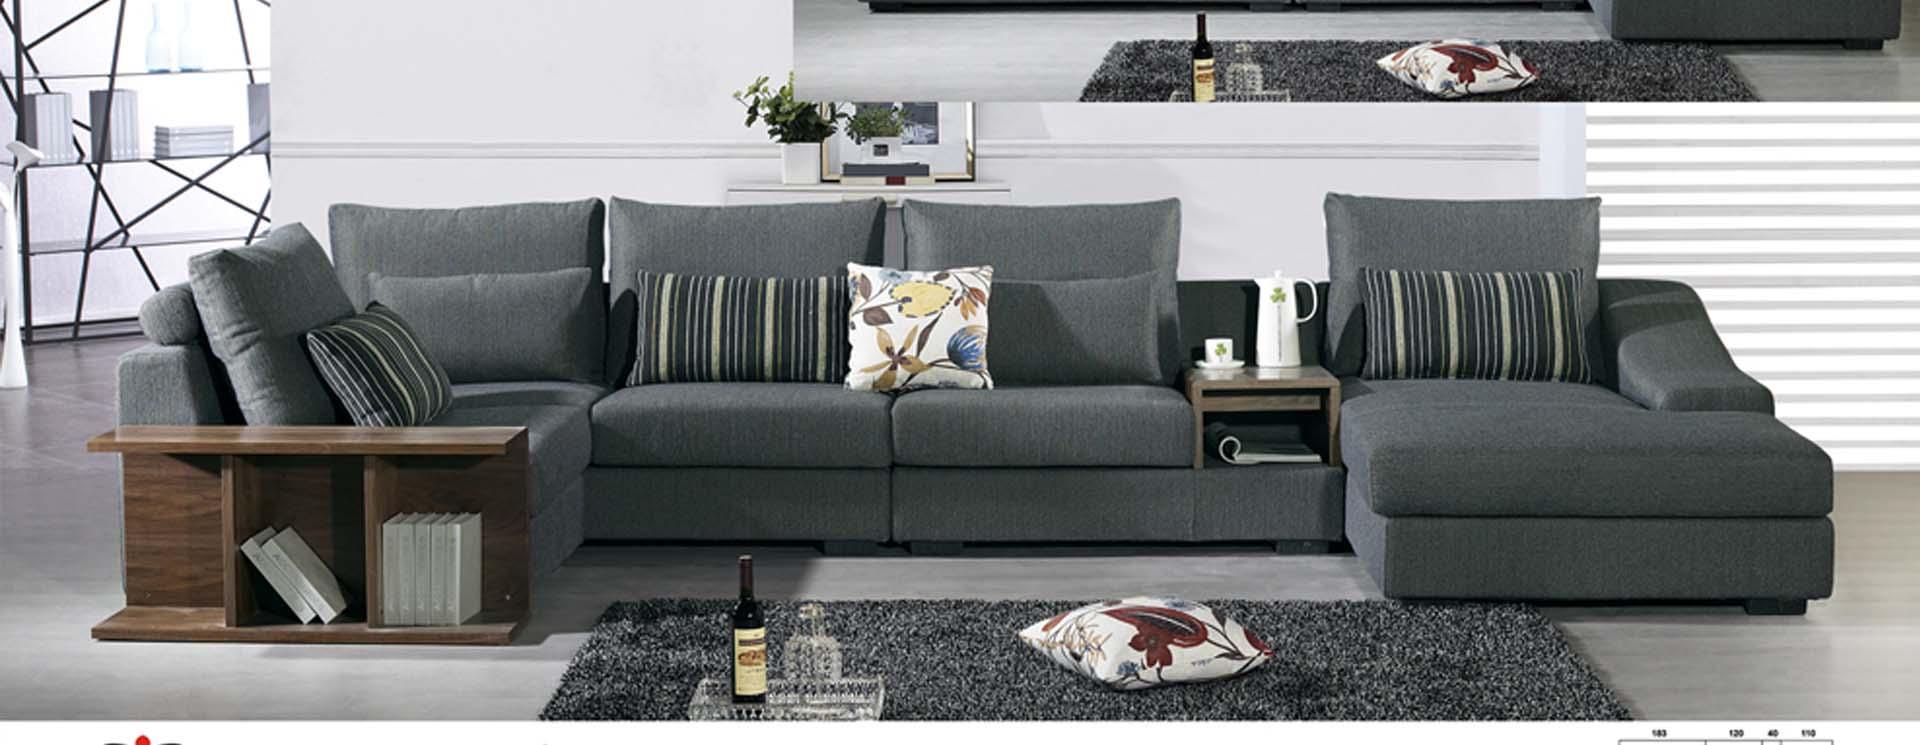 名称:沙发K582#A<br/> 市场价:<font style='color:#999;text-decoration:line-through;'>¥0</font><br />全国统一零售价:<font color='Red'>¥0.0</font>